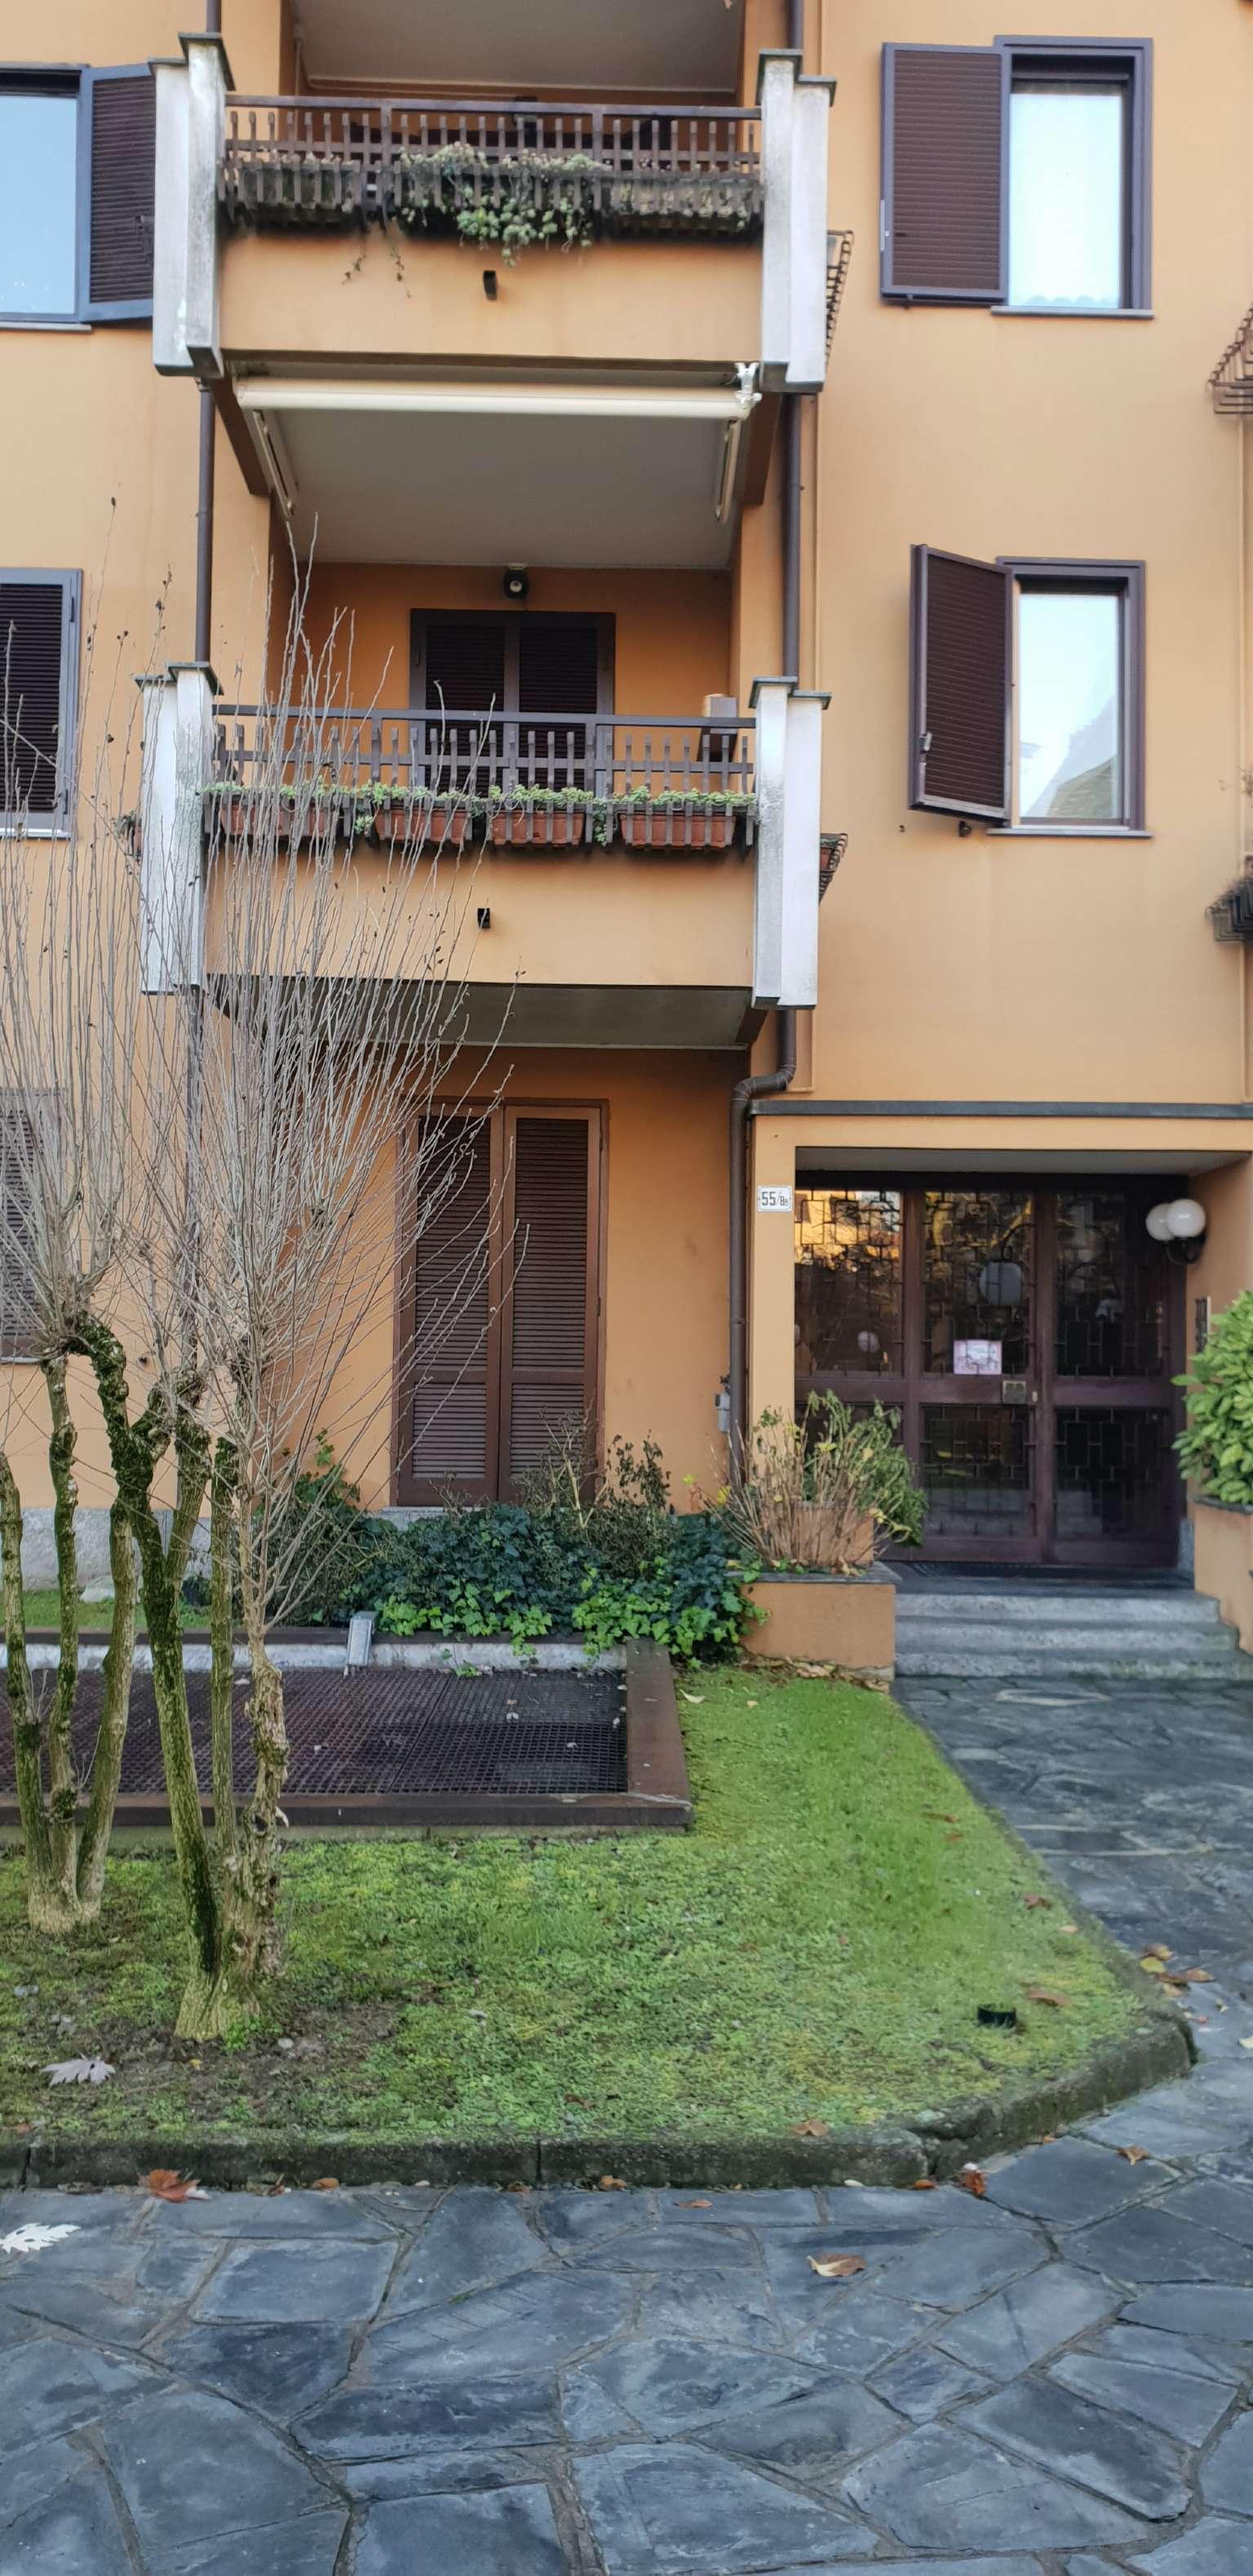 Appartamento in vendita a Peschiera Borromeo, 3 locali, prezzo € 200.000 | CambioCasa.it